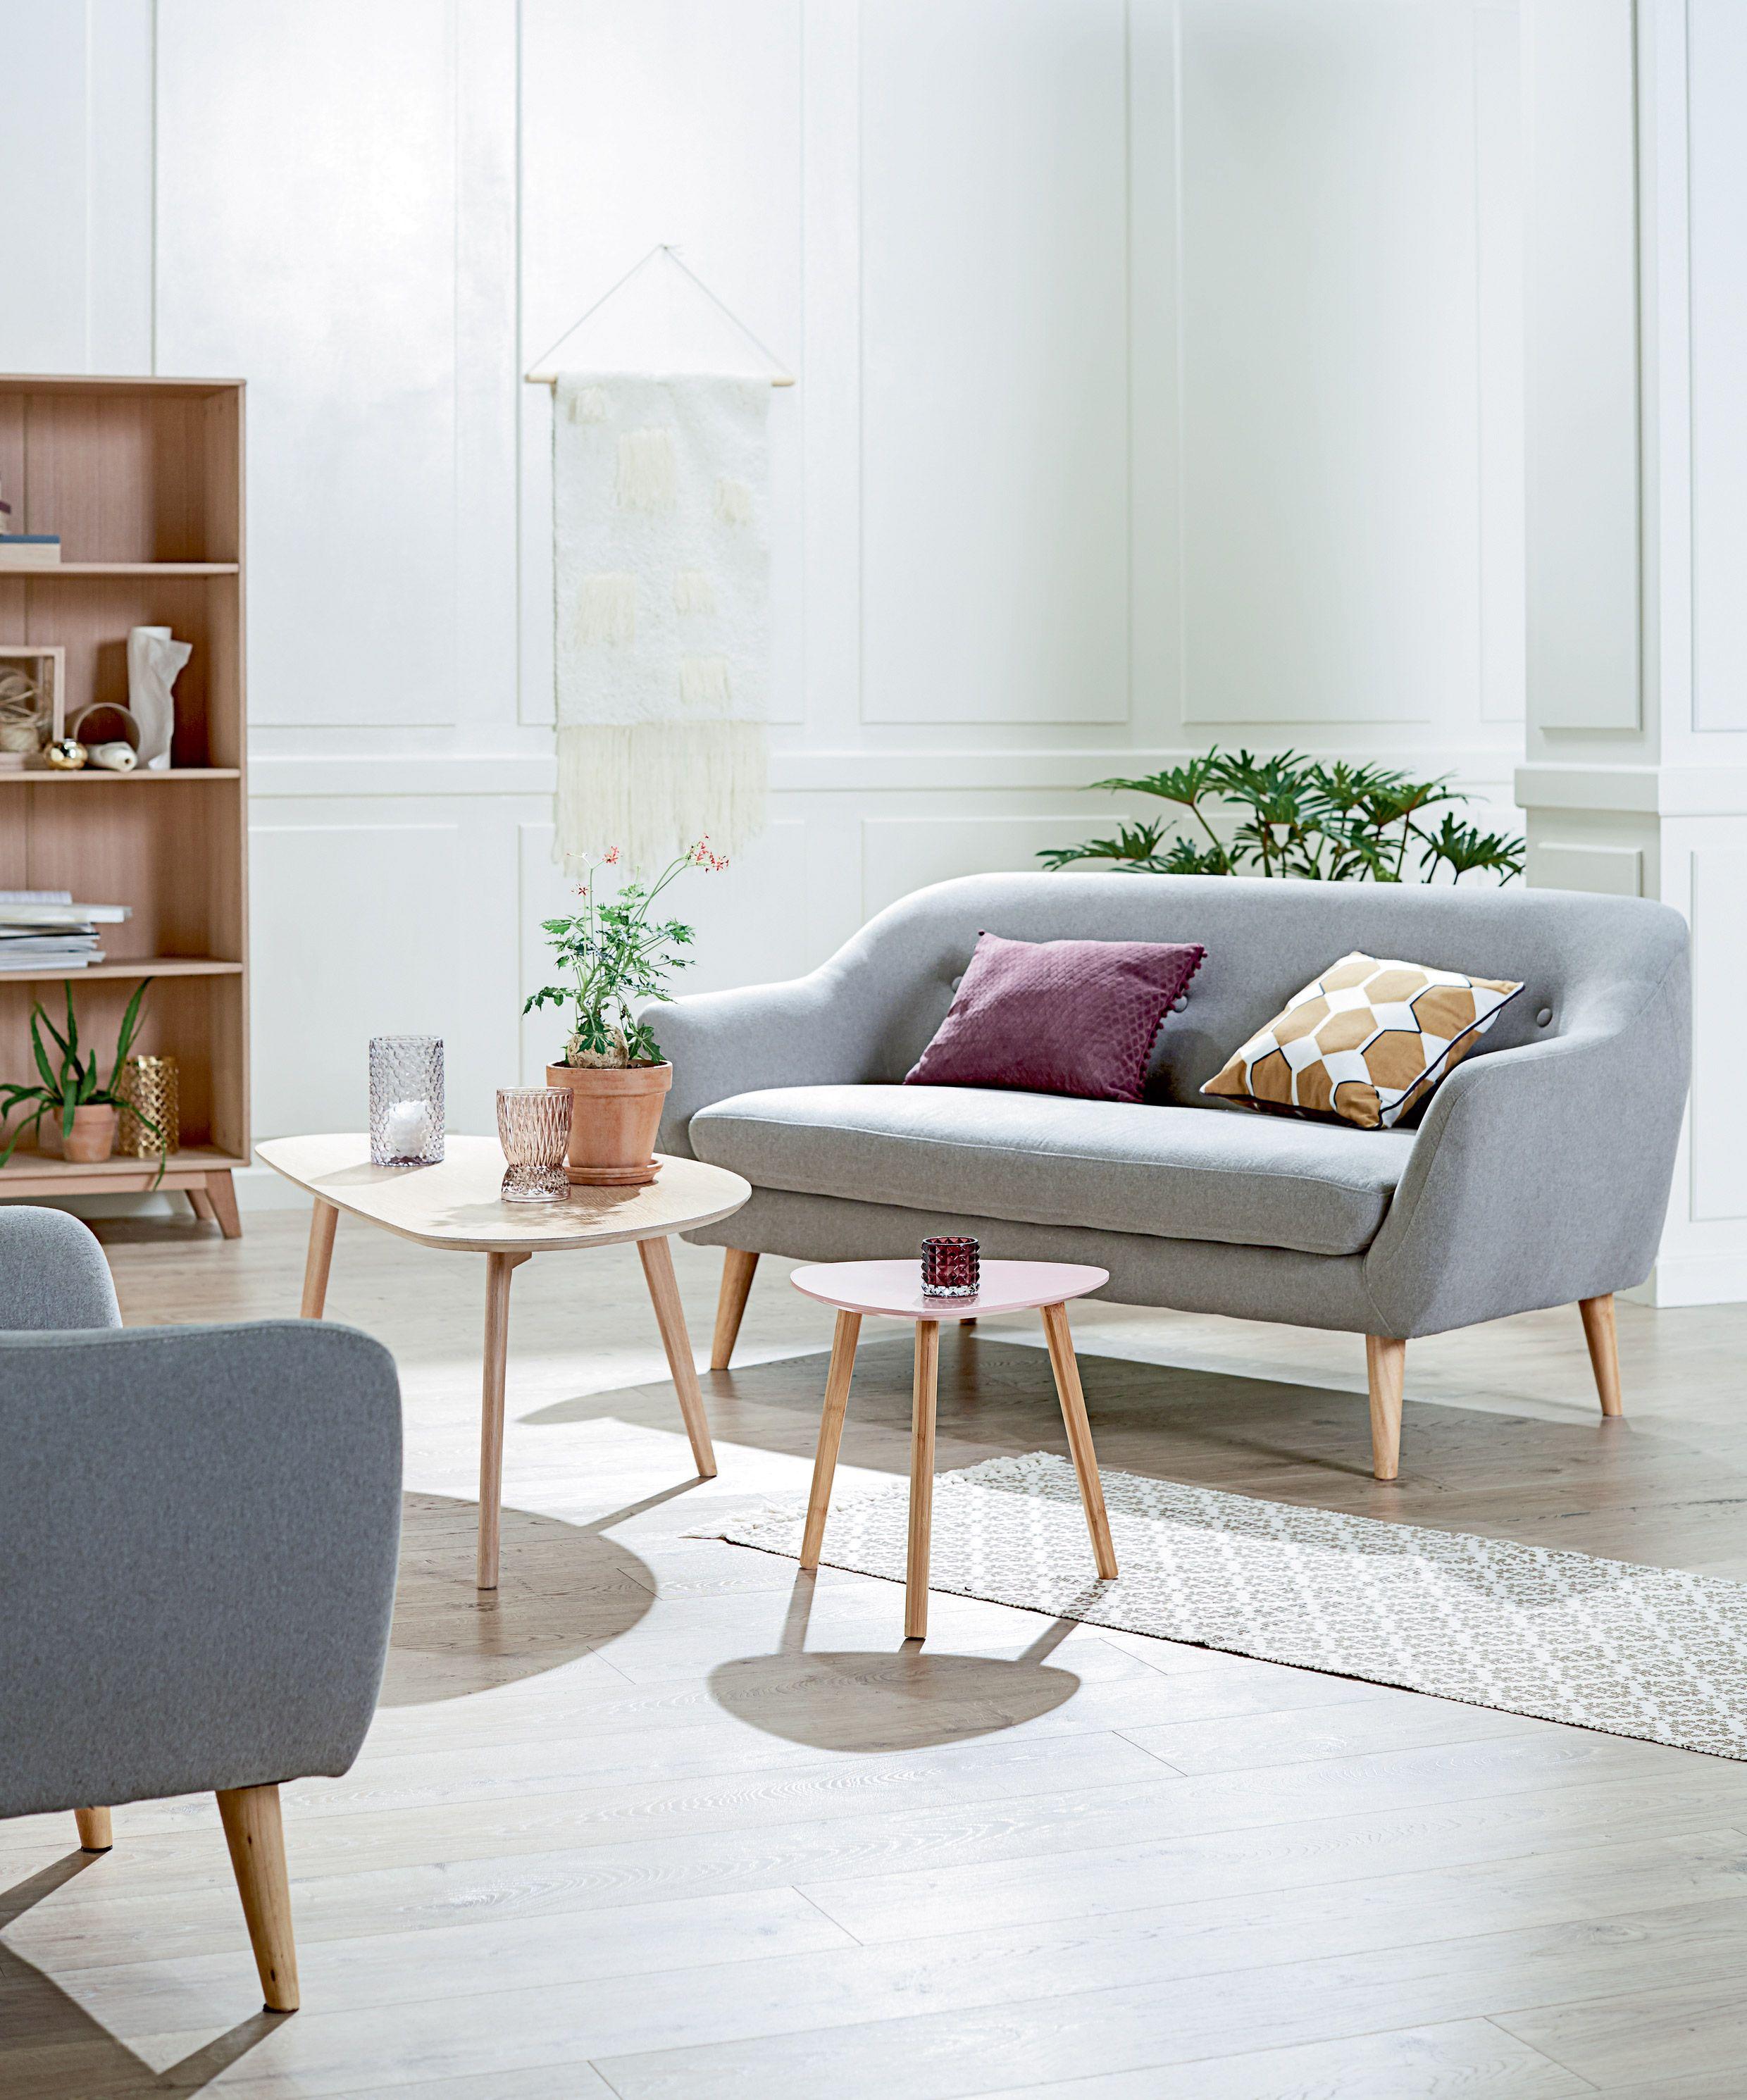 JYSK Madrasser, dyner, puter og møbler til lave priser!